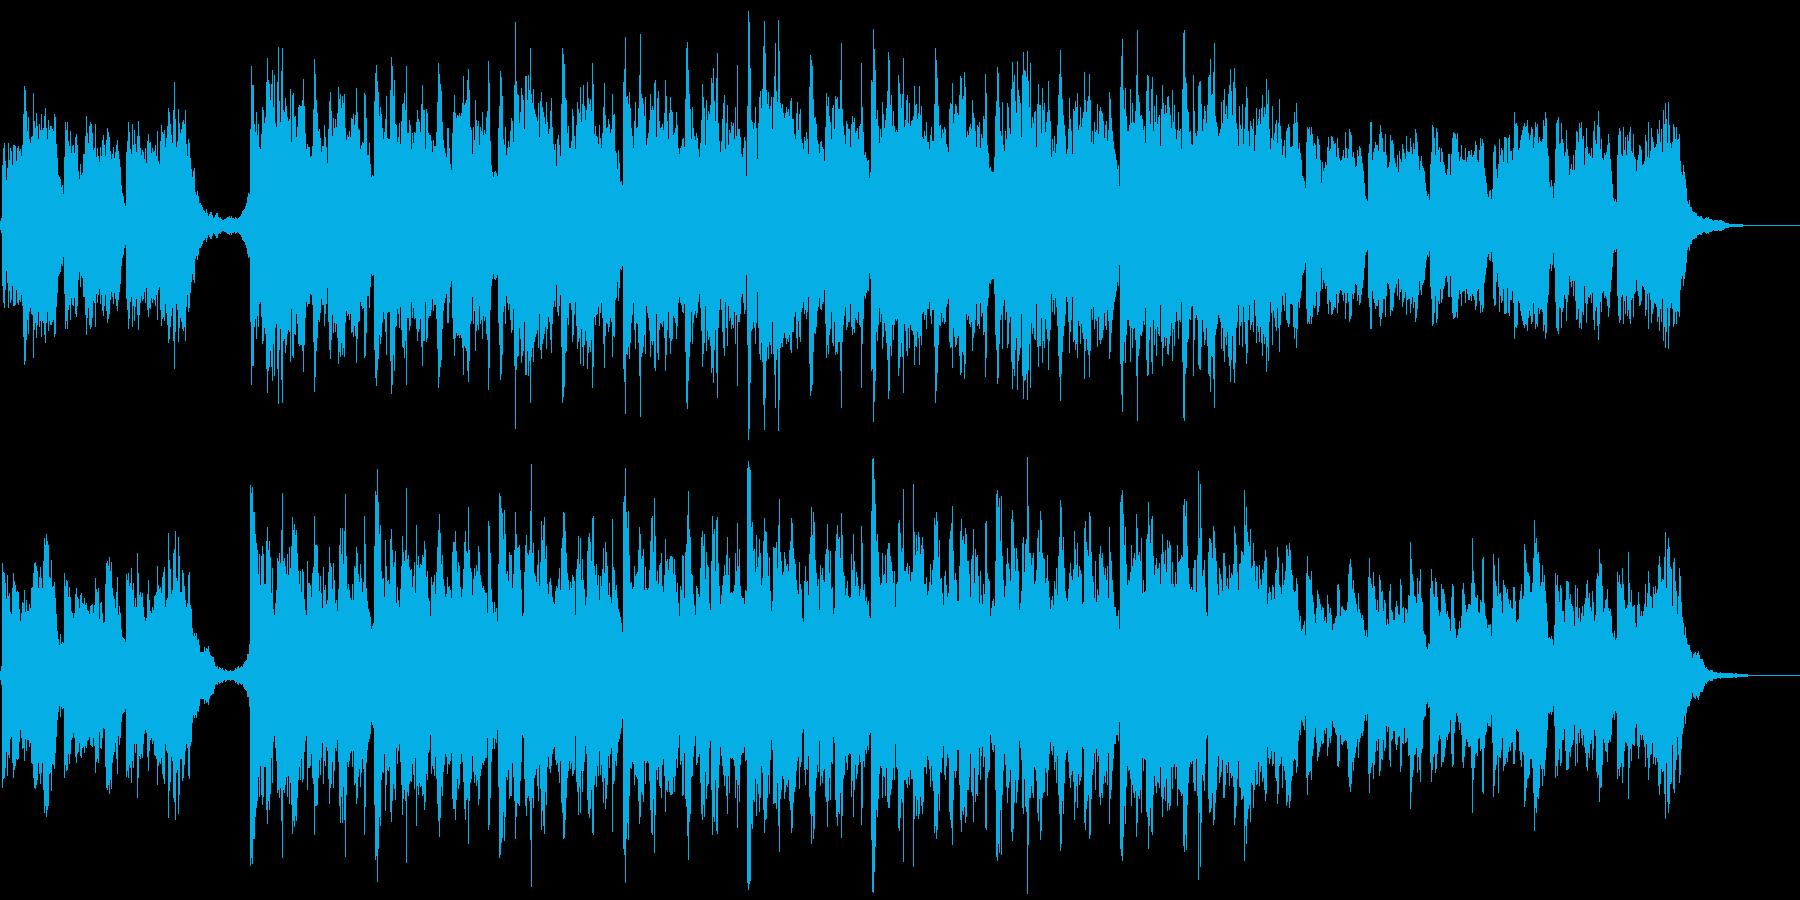 【1分版】透明感のある和風エレクトロニカの再生済みの波形